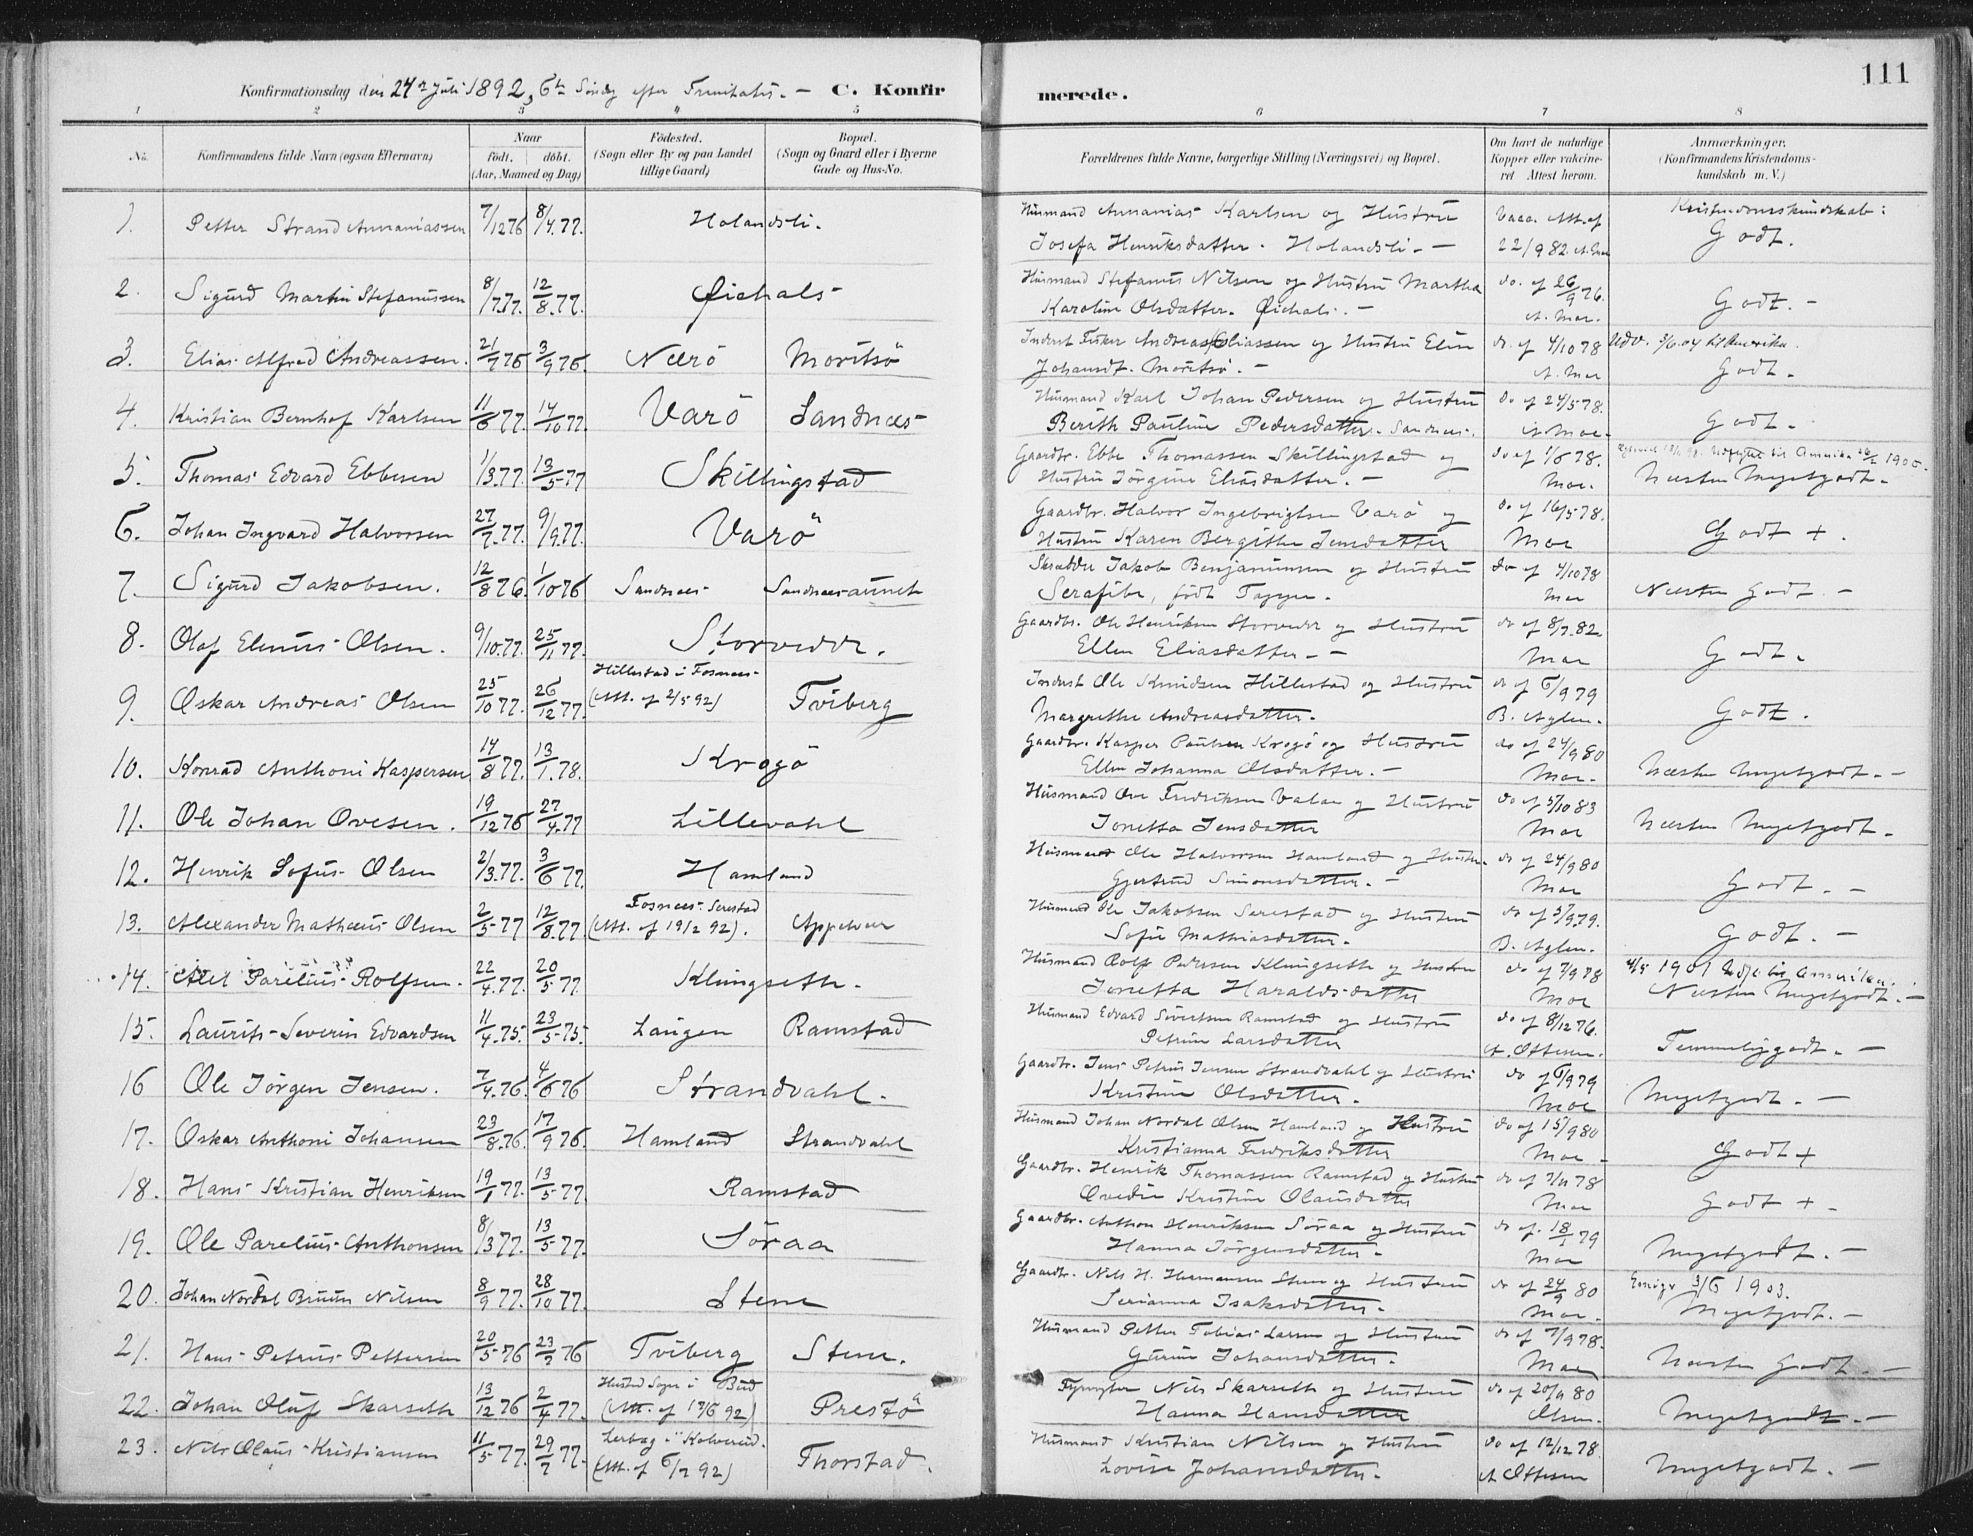 SAT, Ministerialprotokoller, klokkerbøker og fødselsregistre - Nord-Trøndelag, 784/L0673: Ministerialbok nr. 784A08, 1888-1899, s. 111